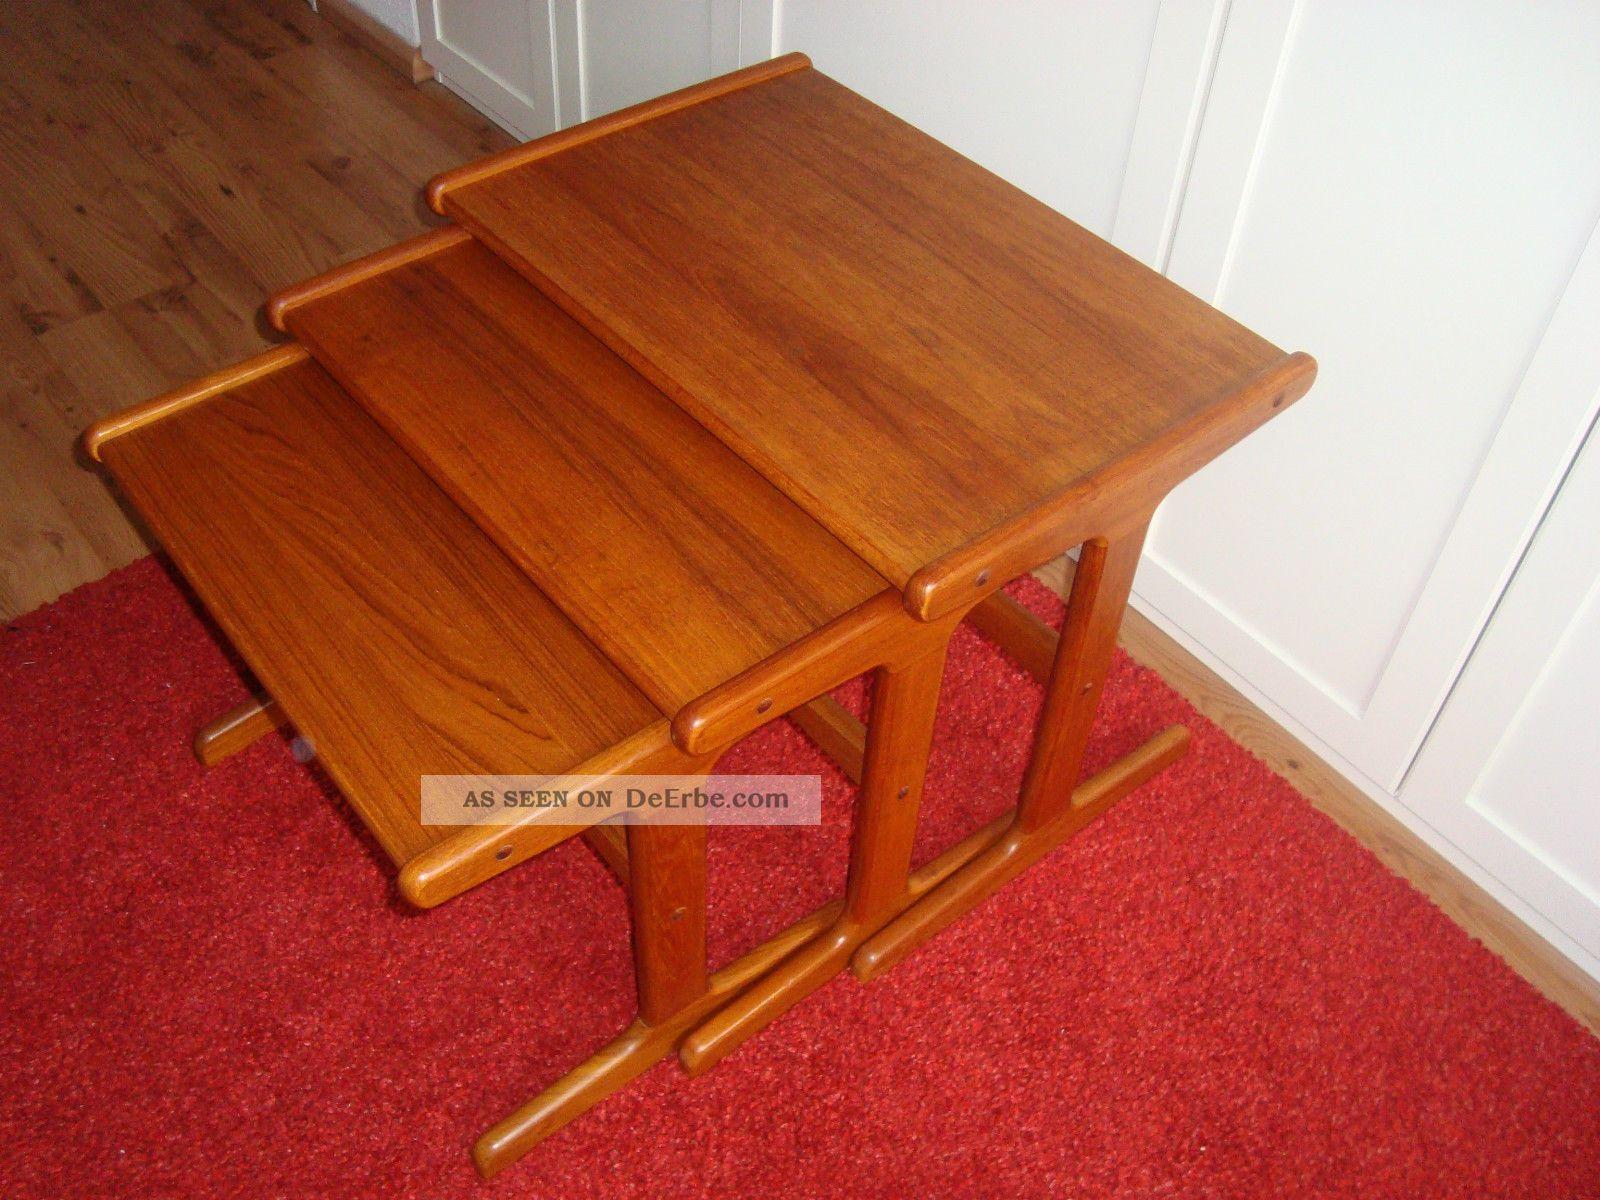 Teak Danish,  Satztische,  Tisch,  Beistelltische,  Tische 60er Jahre 1960-1969 Bild